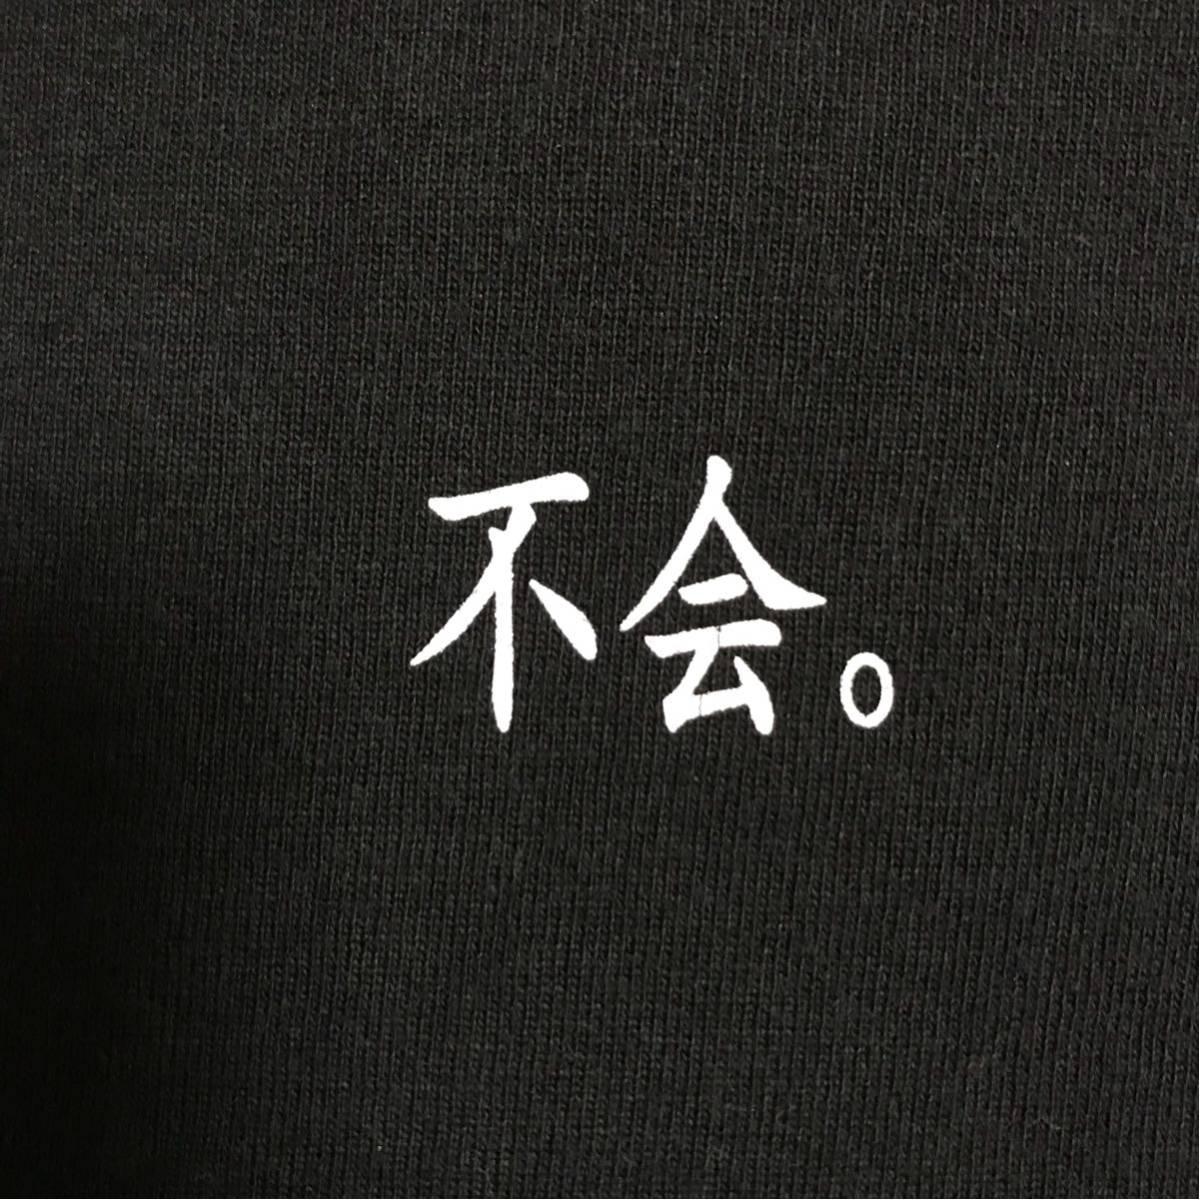 ★激レア★ 初期 ASNKA 漢字 ロンT Mサイズ a bathing ape bape エイプ ベイプ アベイシングエイプ 香港 Hong Kong ビンテージ 裏原宿 NIGO